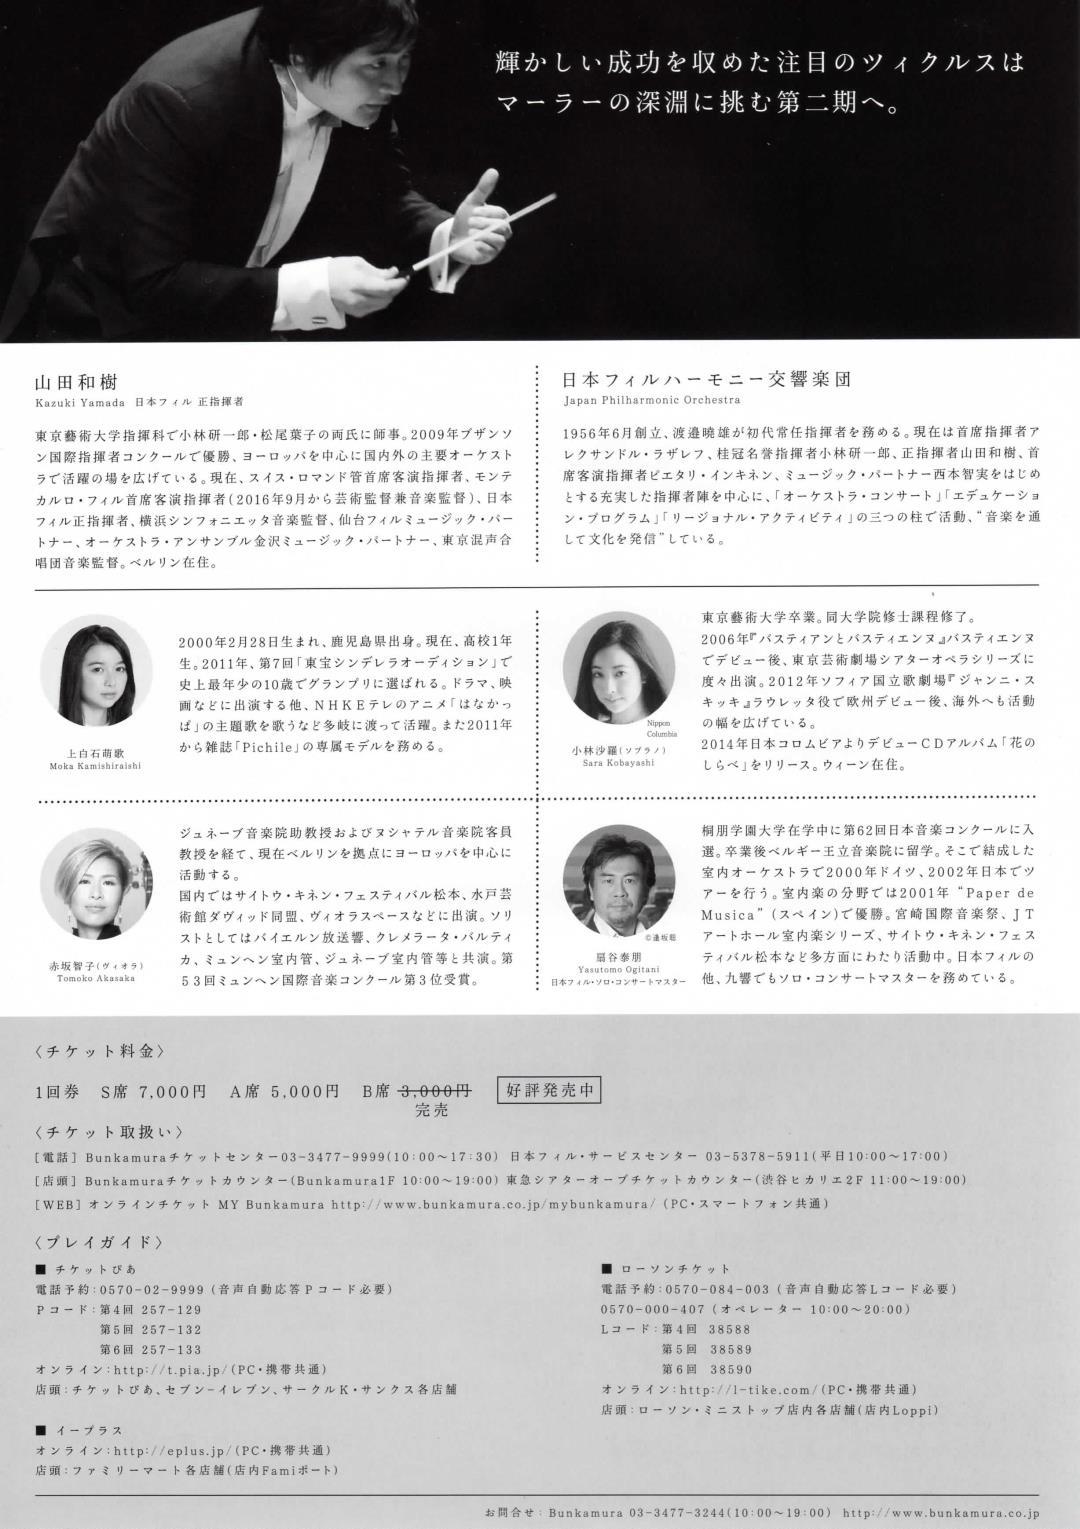 山田和樹×日フィル マーラー・ツィクルス チラシ裏